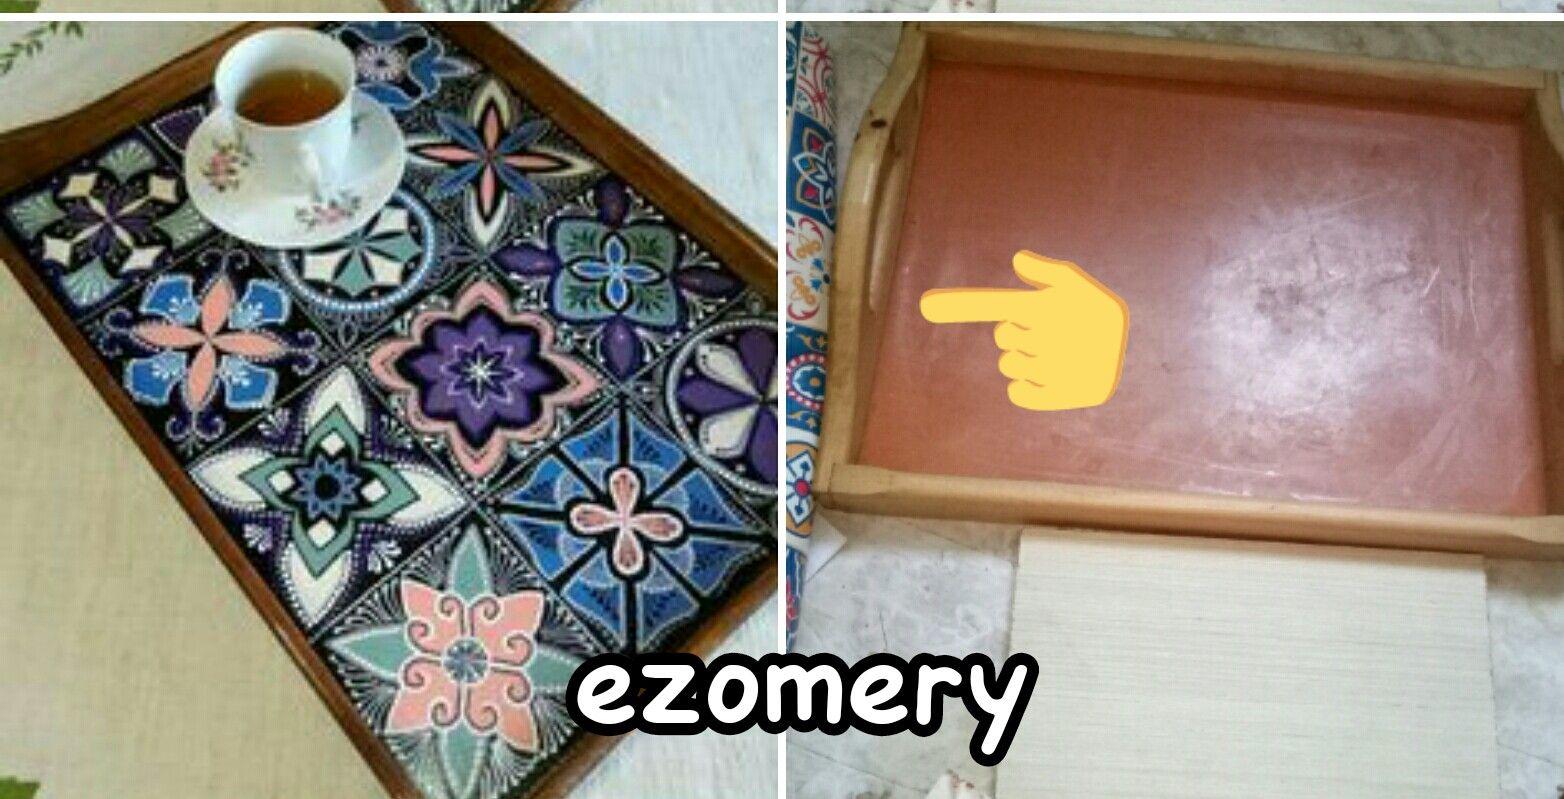 عندك صينية خشب مثل هذه لا ترميها تعالي اعطيك فكرة رائعة وغير مكلفة Decor Decorative Tray Home Decor